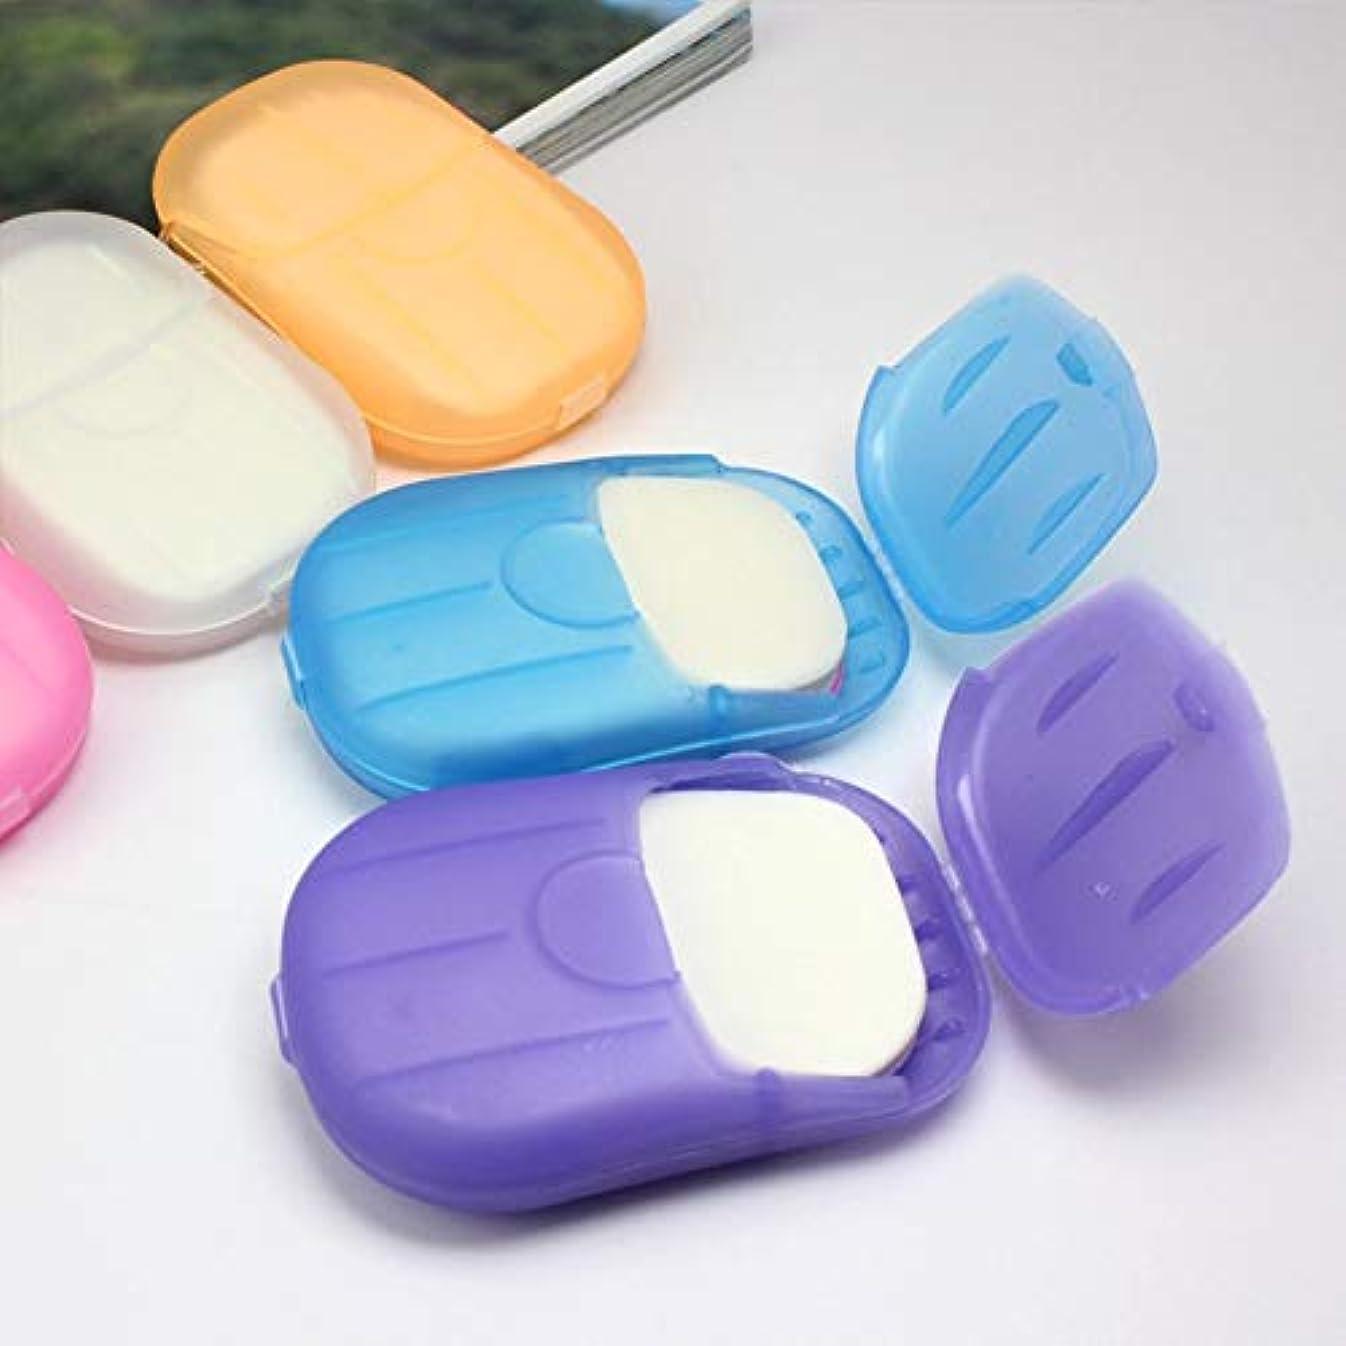 予防接種ブラジャー乱す20 Pcs Paper Soap Outdoor Travel Bath Soap Tablets Portable Hand-washing